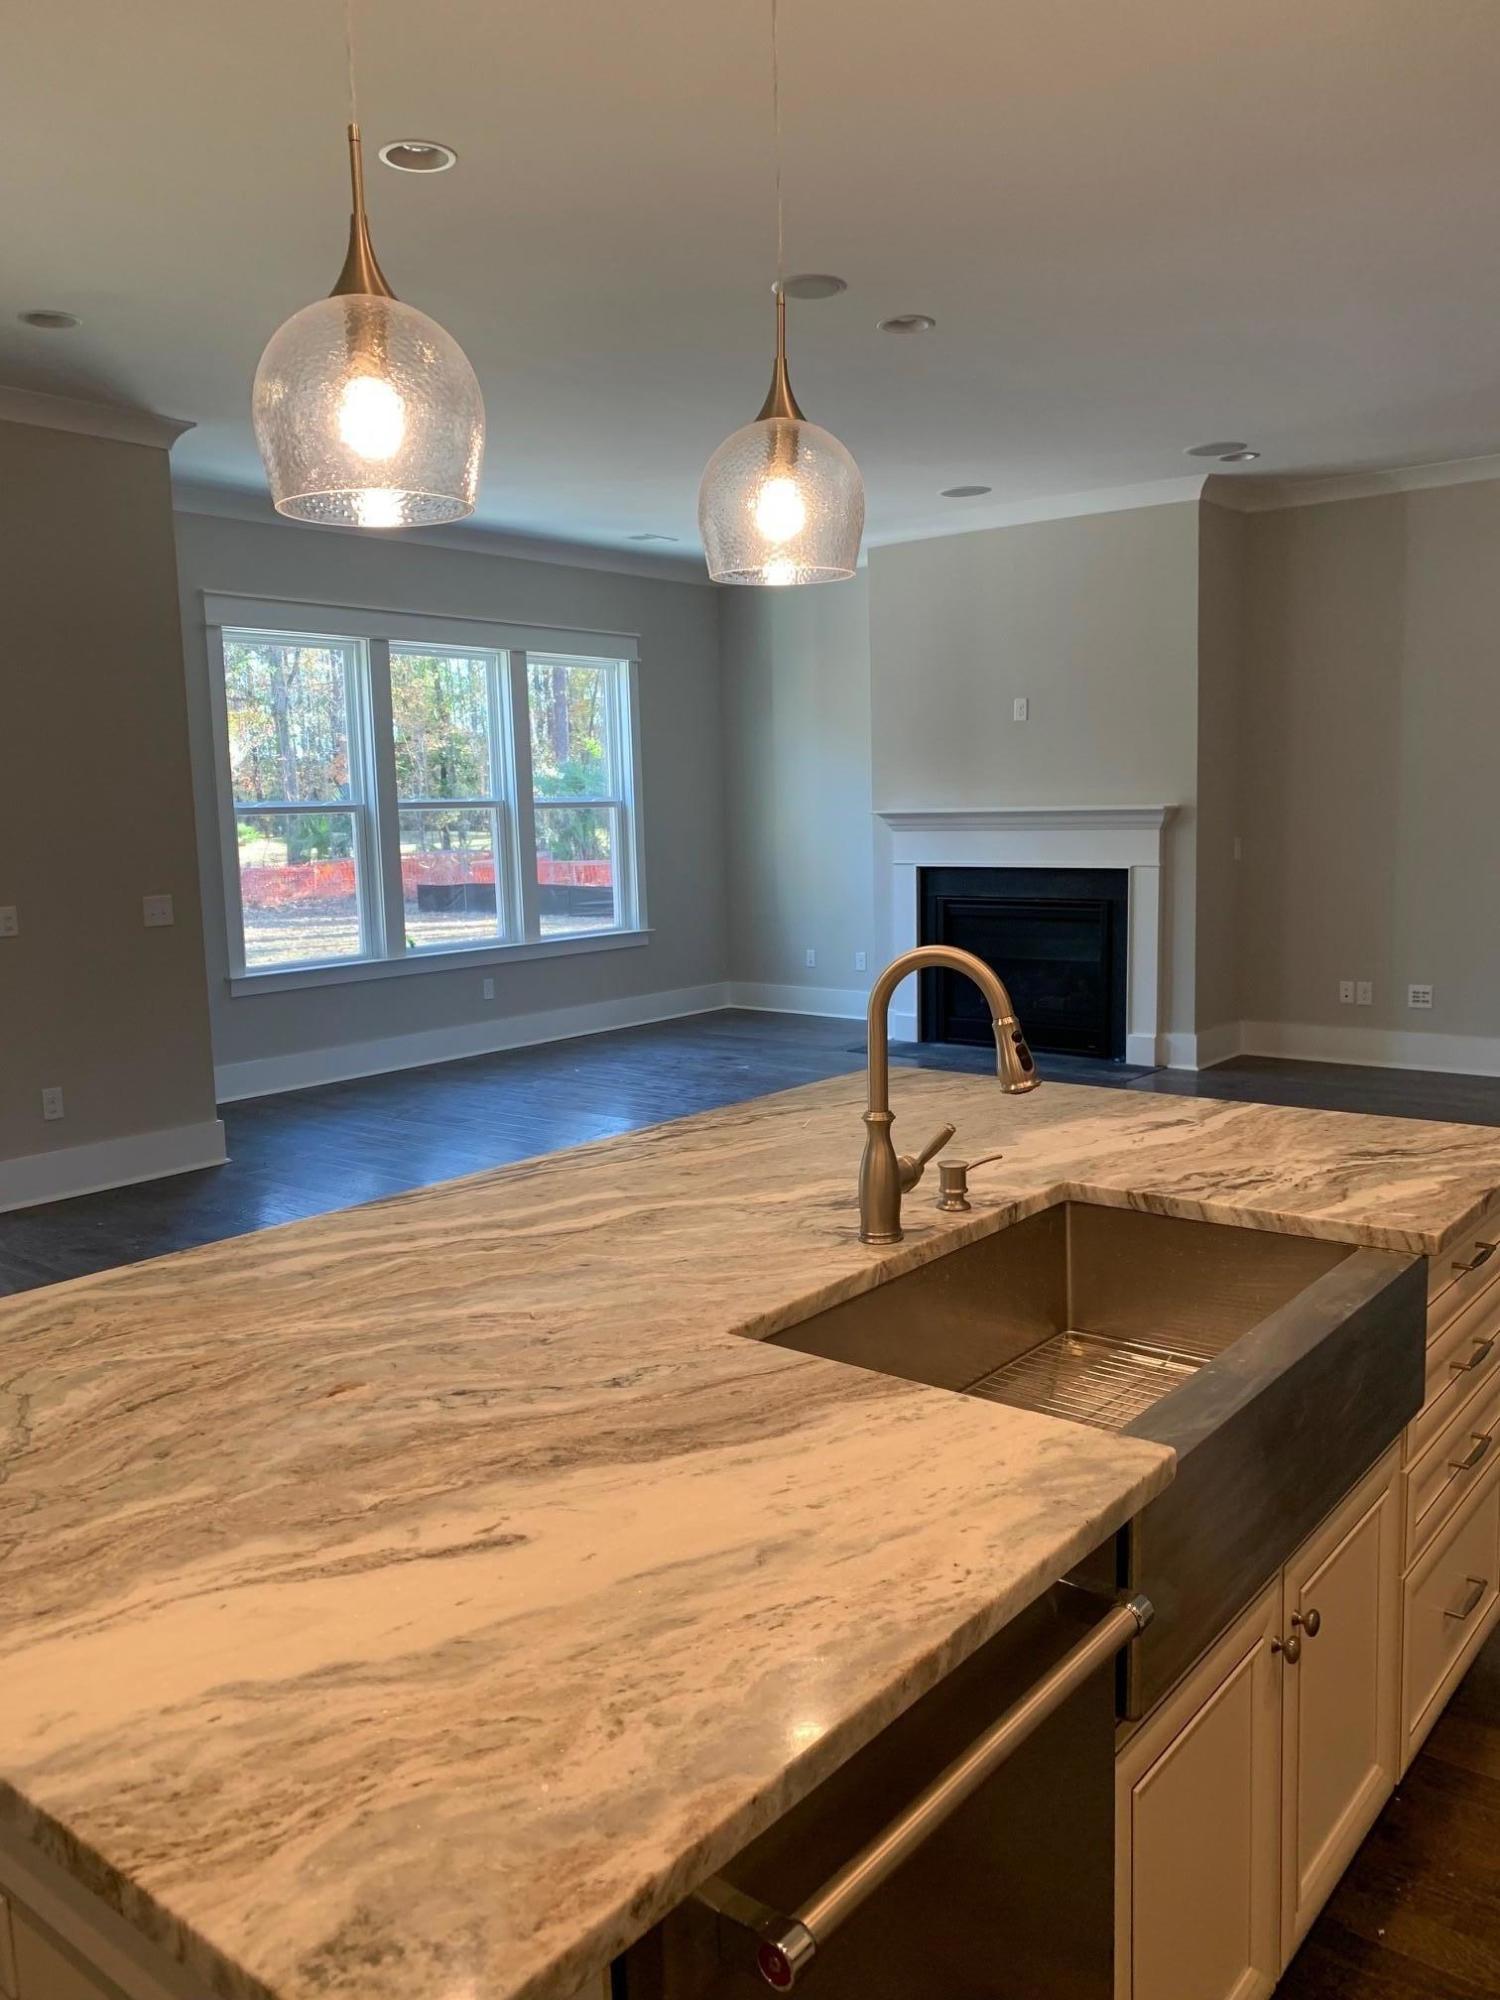 Dunes West Homes For Sale - 2661 Dutchman, Mount Pleasant, SC - 5